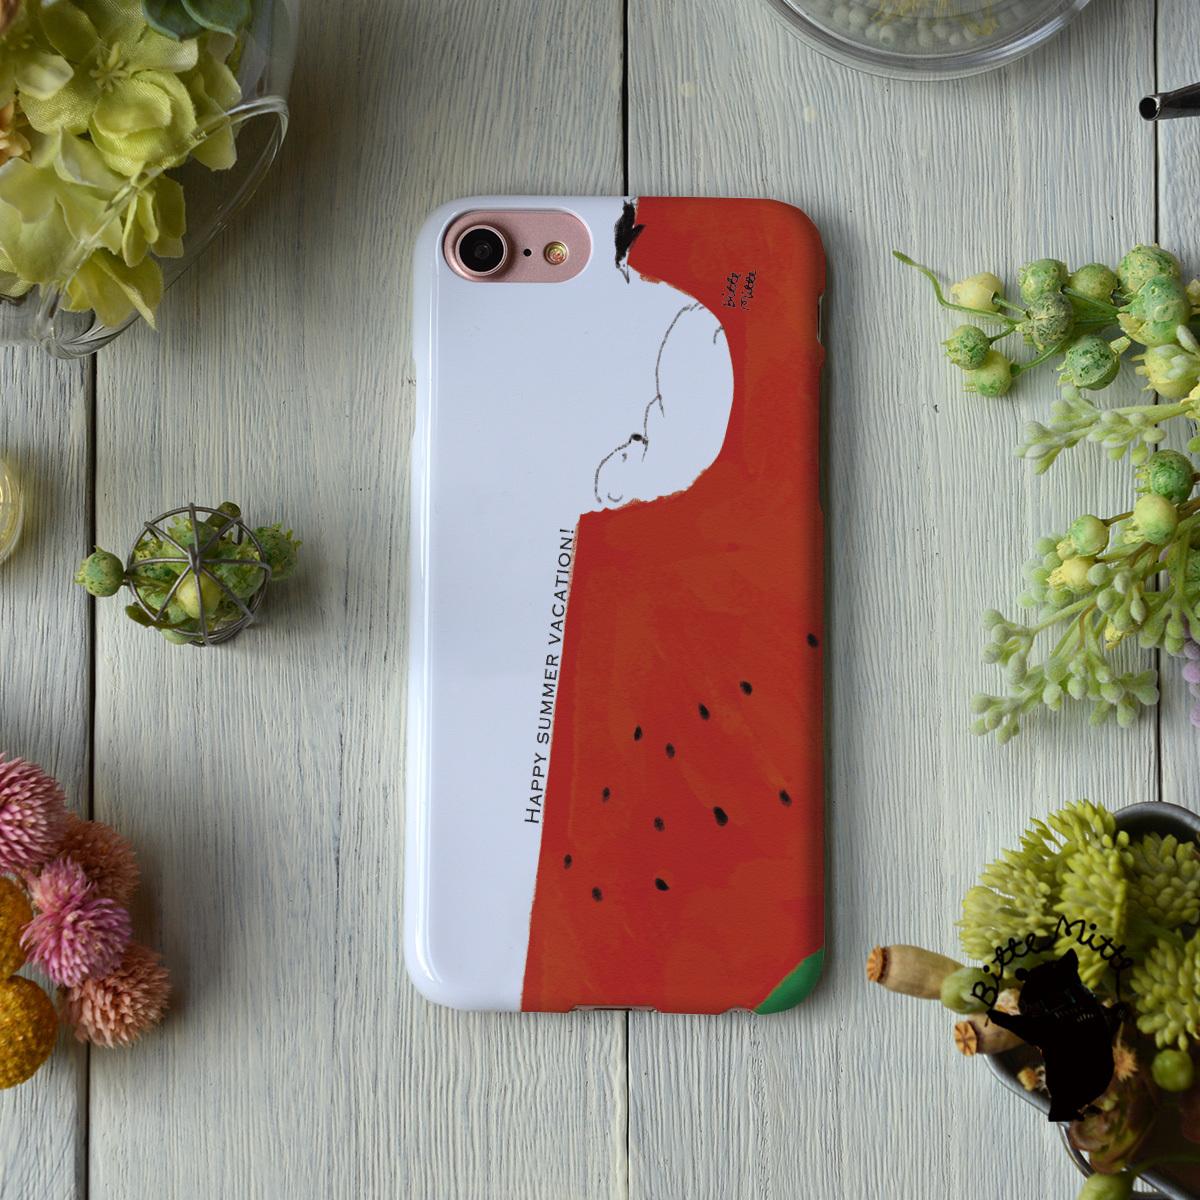 iphone8 ハードケース おしゃれ iphone8 ハードケース シンプル iphone7 ケース かわいい シロクマ しろくま 夏 スイカ 夏の真ん中で/Bitte Mitte!